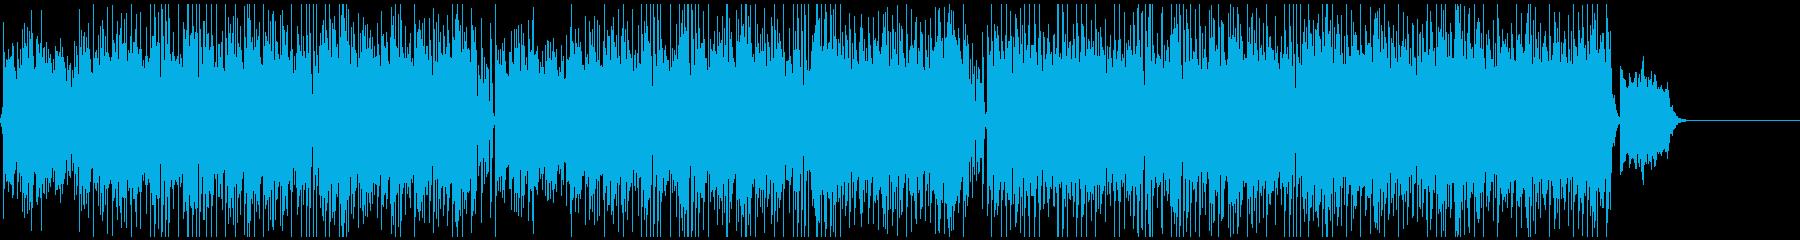 爽やかなギター/ピアノ/ストリングスの再生済みの波形